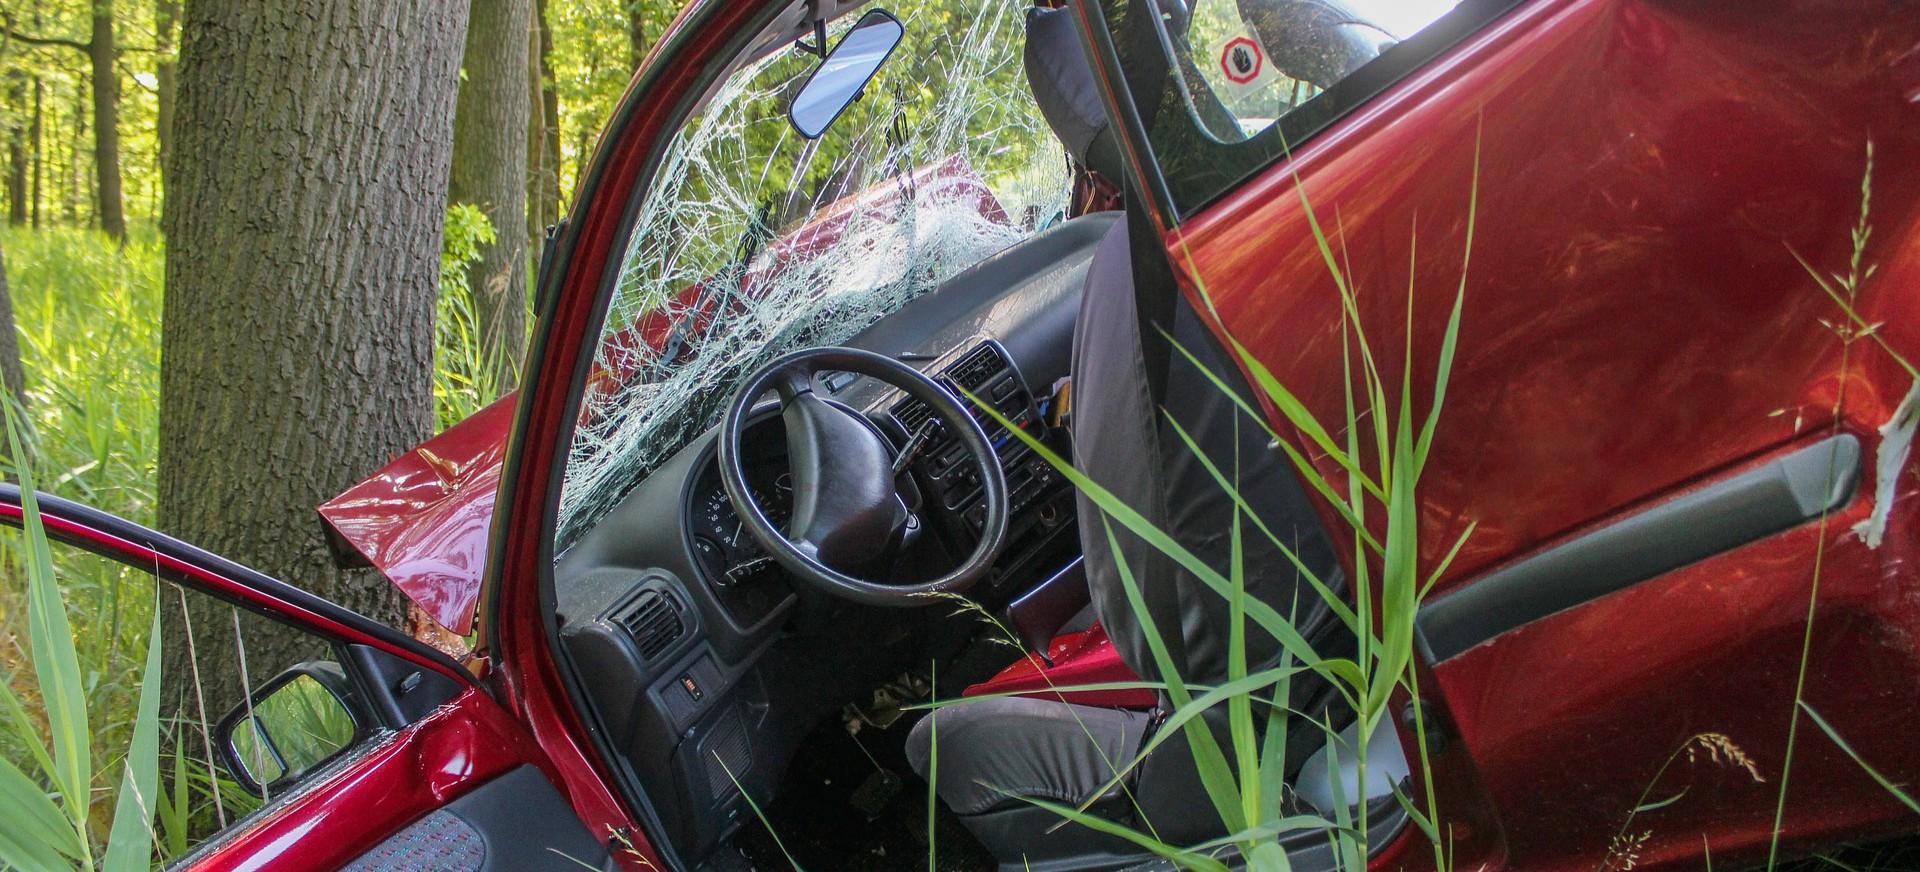 ALBIGOWA: Samochód wypadł z drogi. Cztery osoby trafiły do szpitala